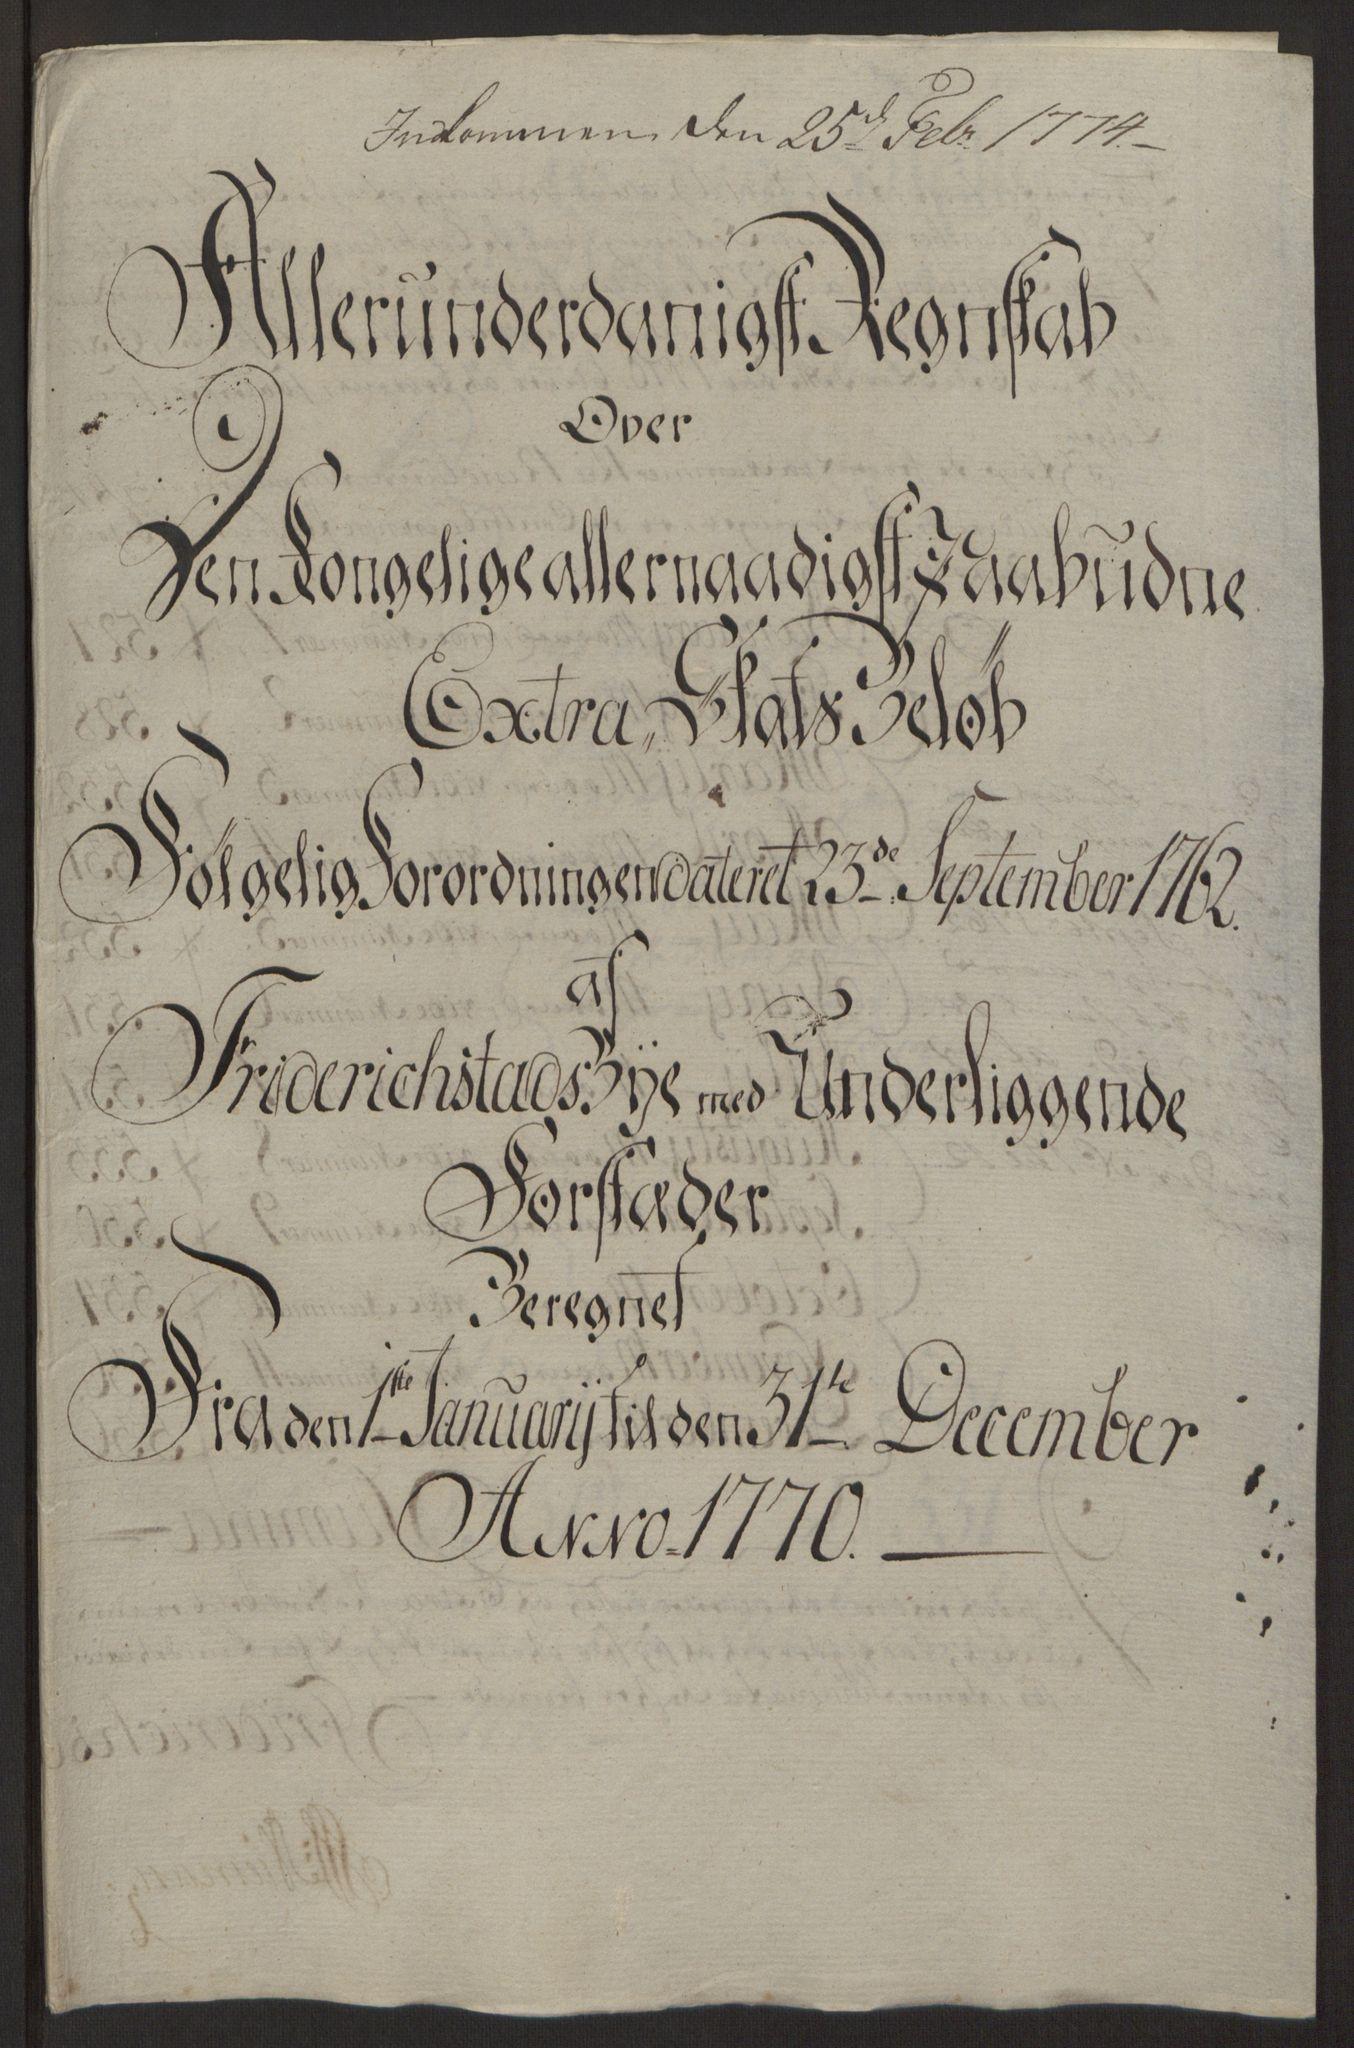 RA, Rentekammeret inntil 1814, Reviderte regnskaper, Byregnskaper, R/Rb/L0029: [B3] Kontribusjonsregnskap, 1762-1772, s. 340